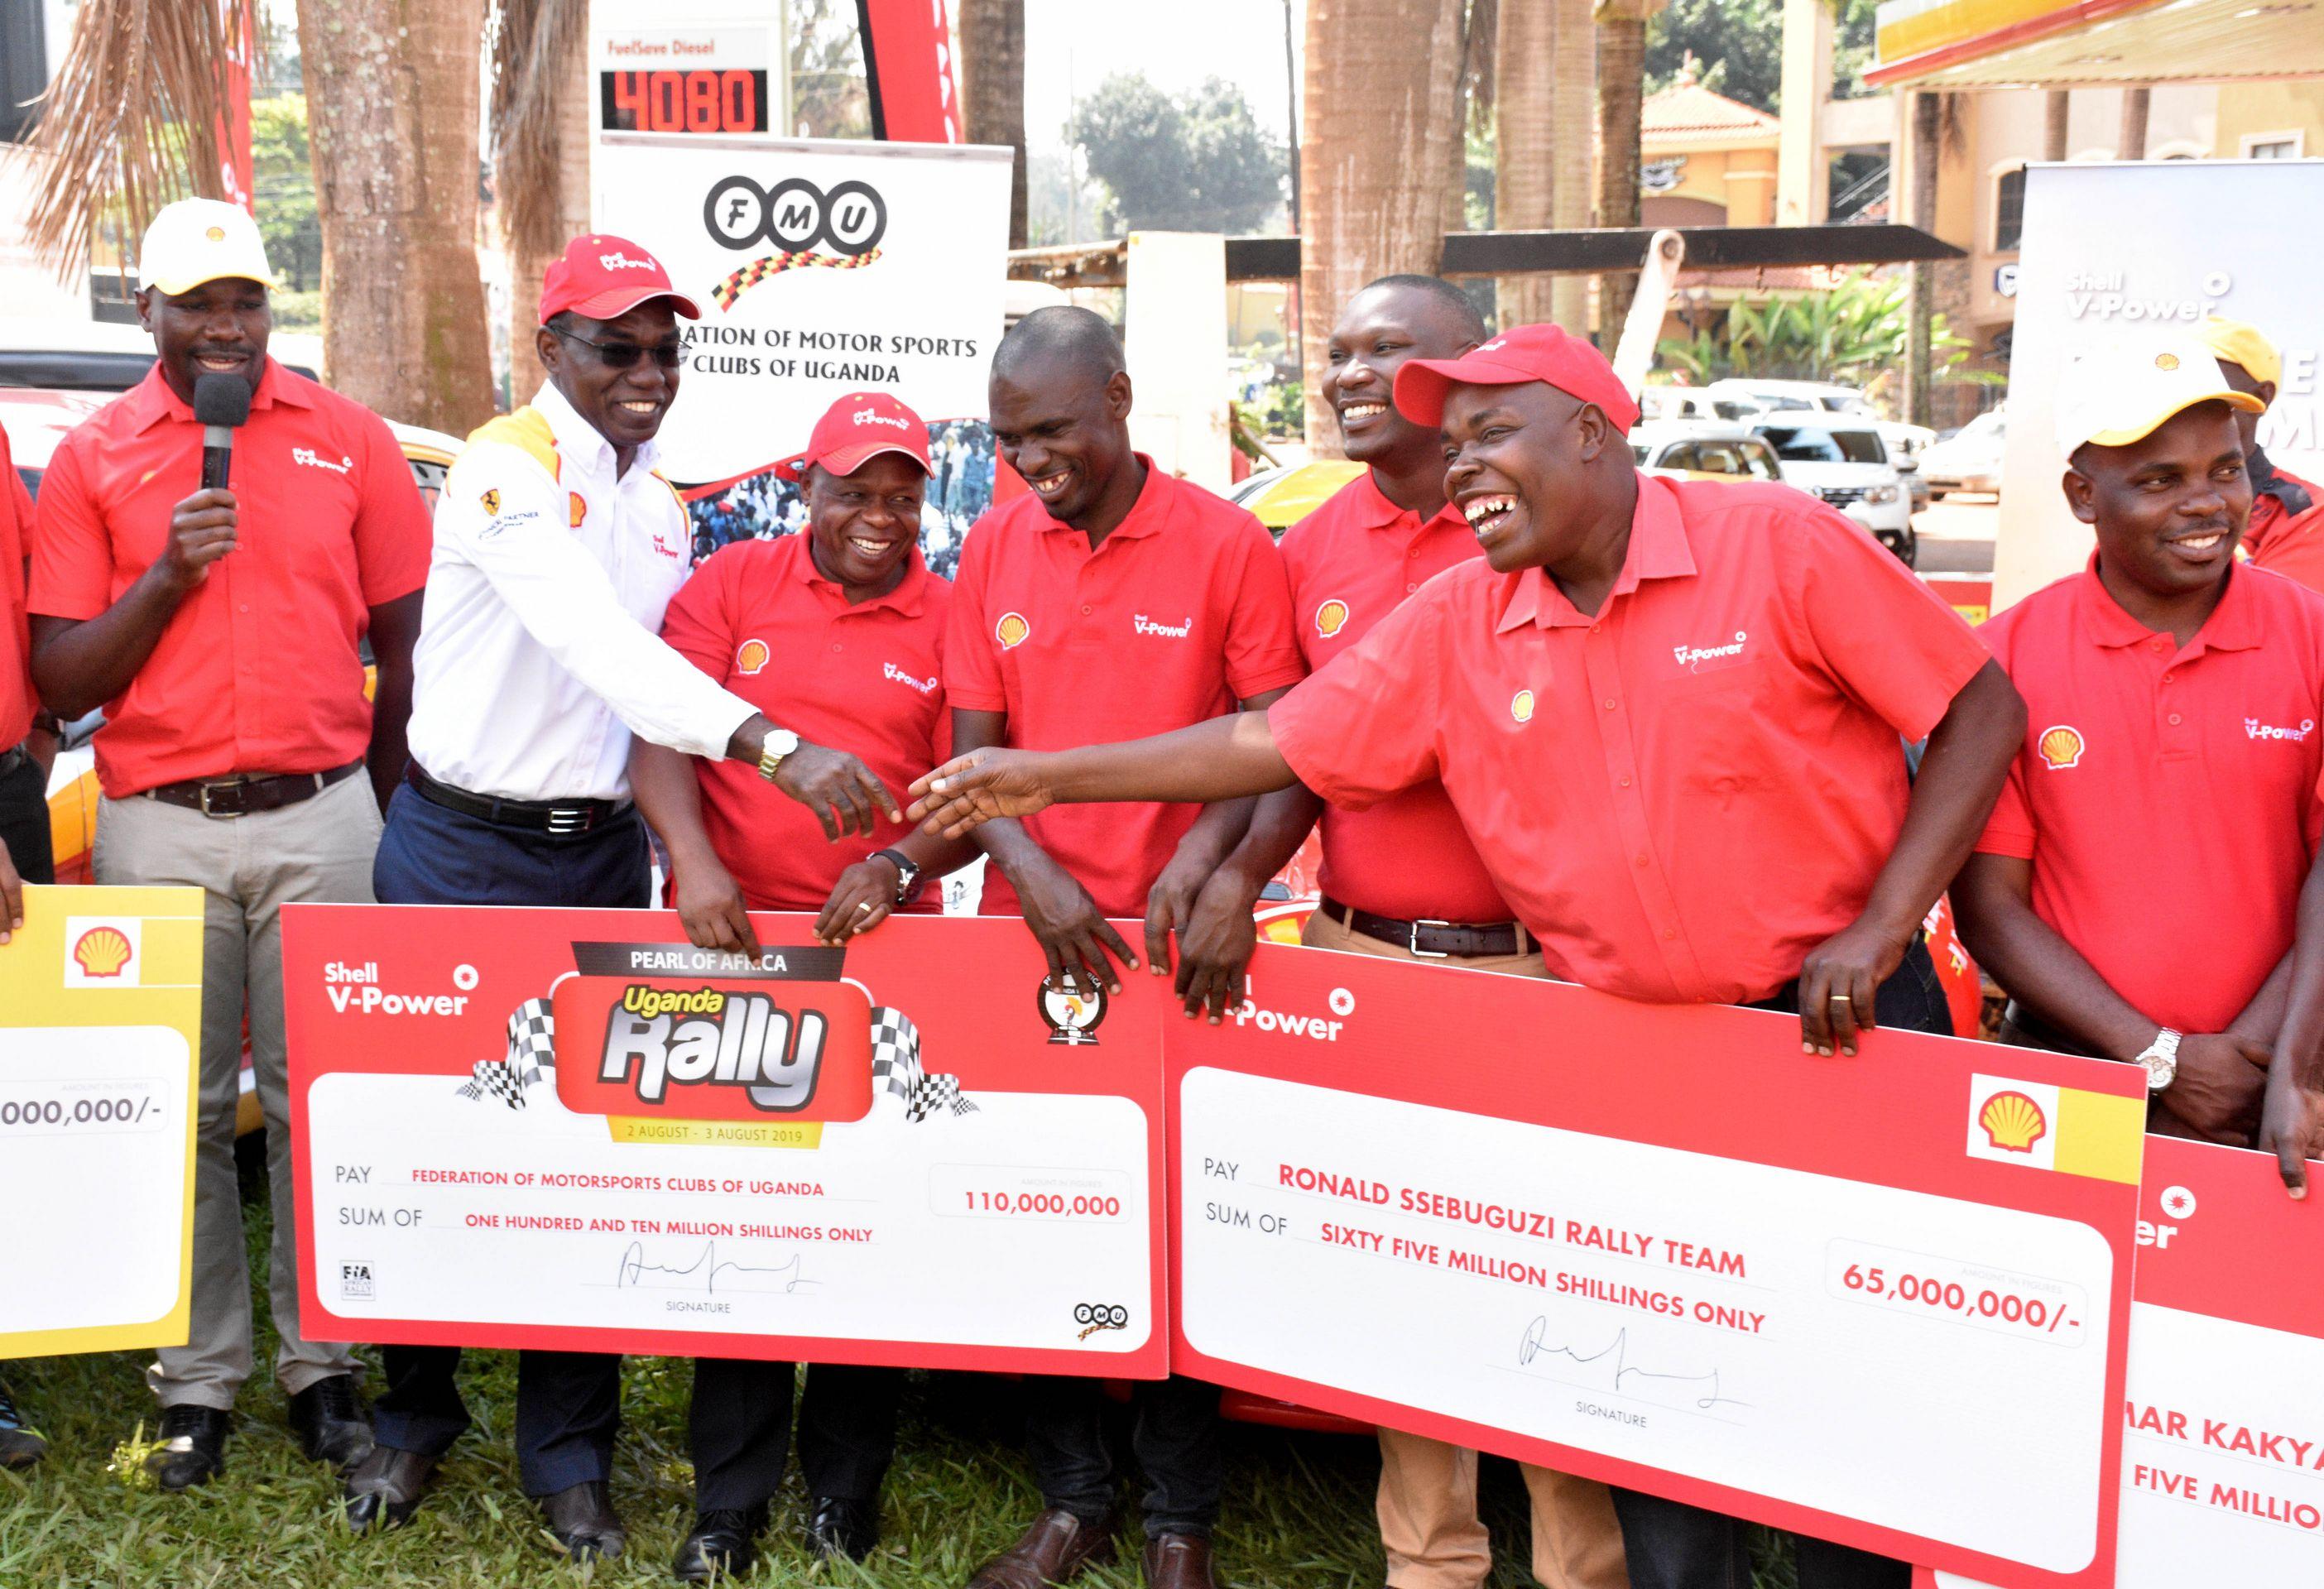 Federation of Motorsport Clubs of Uganda (FMU) - Motorsport